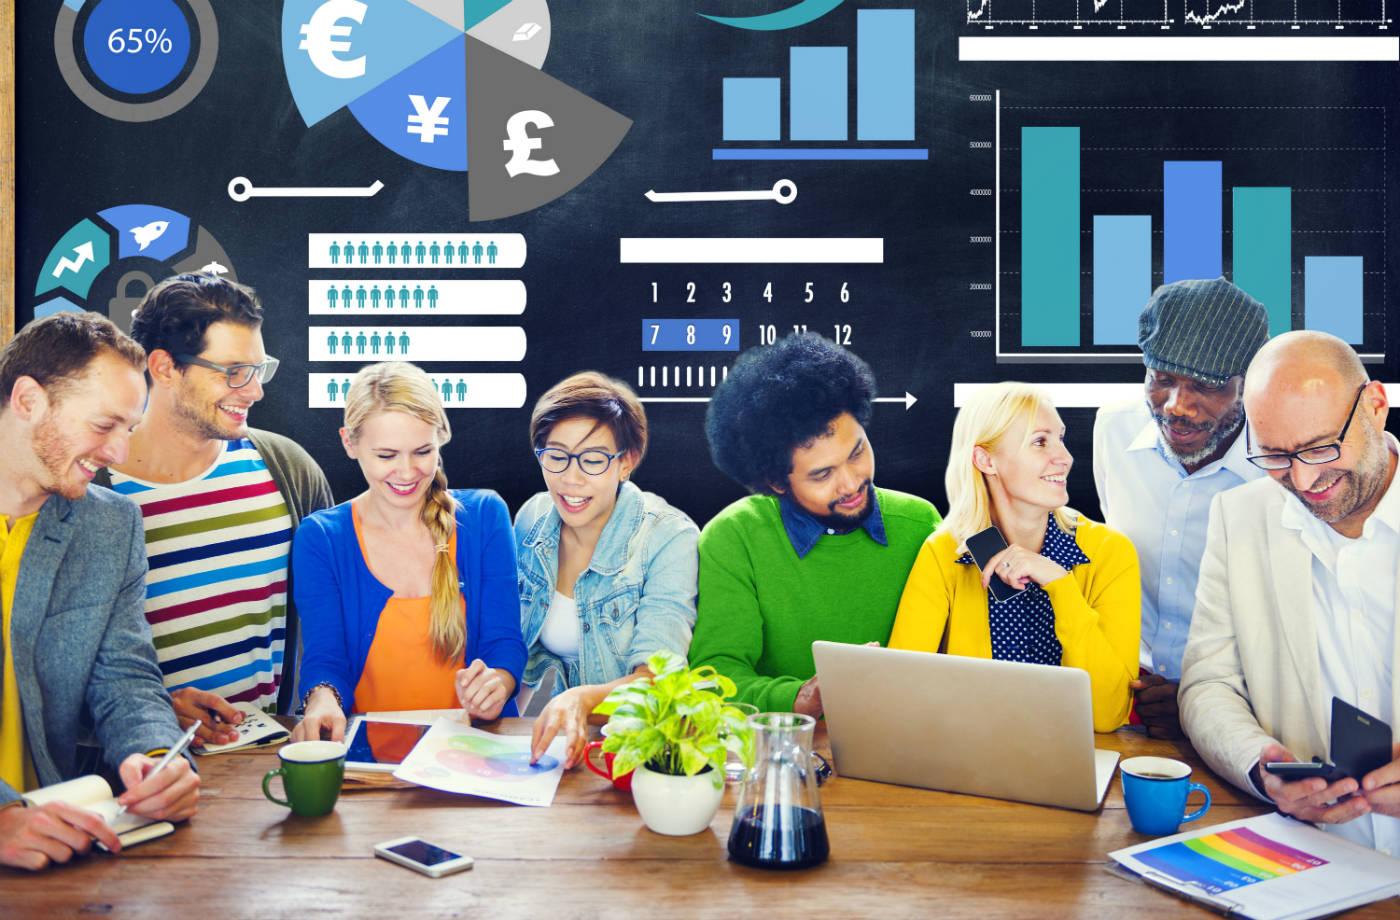 7 traços de caráter que os melhores funcionários têm em comum